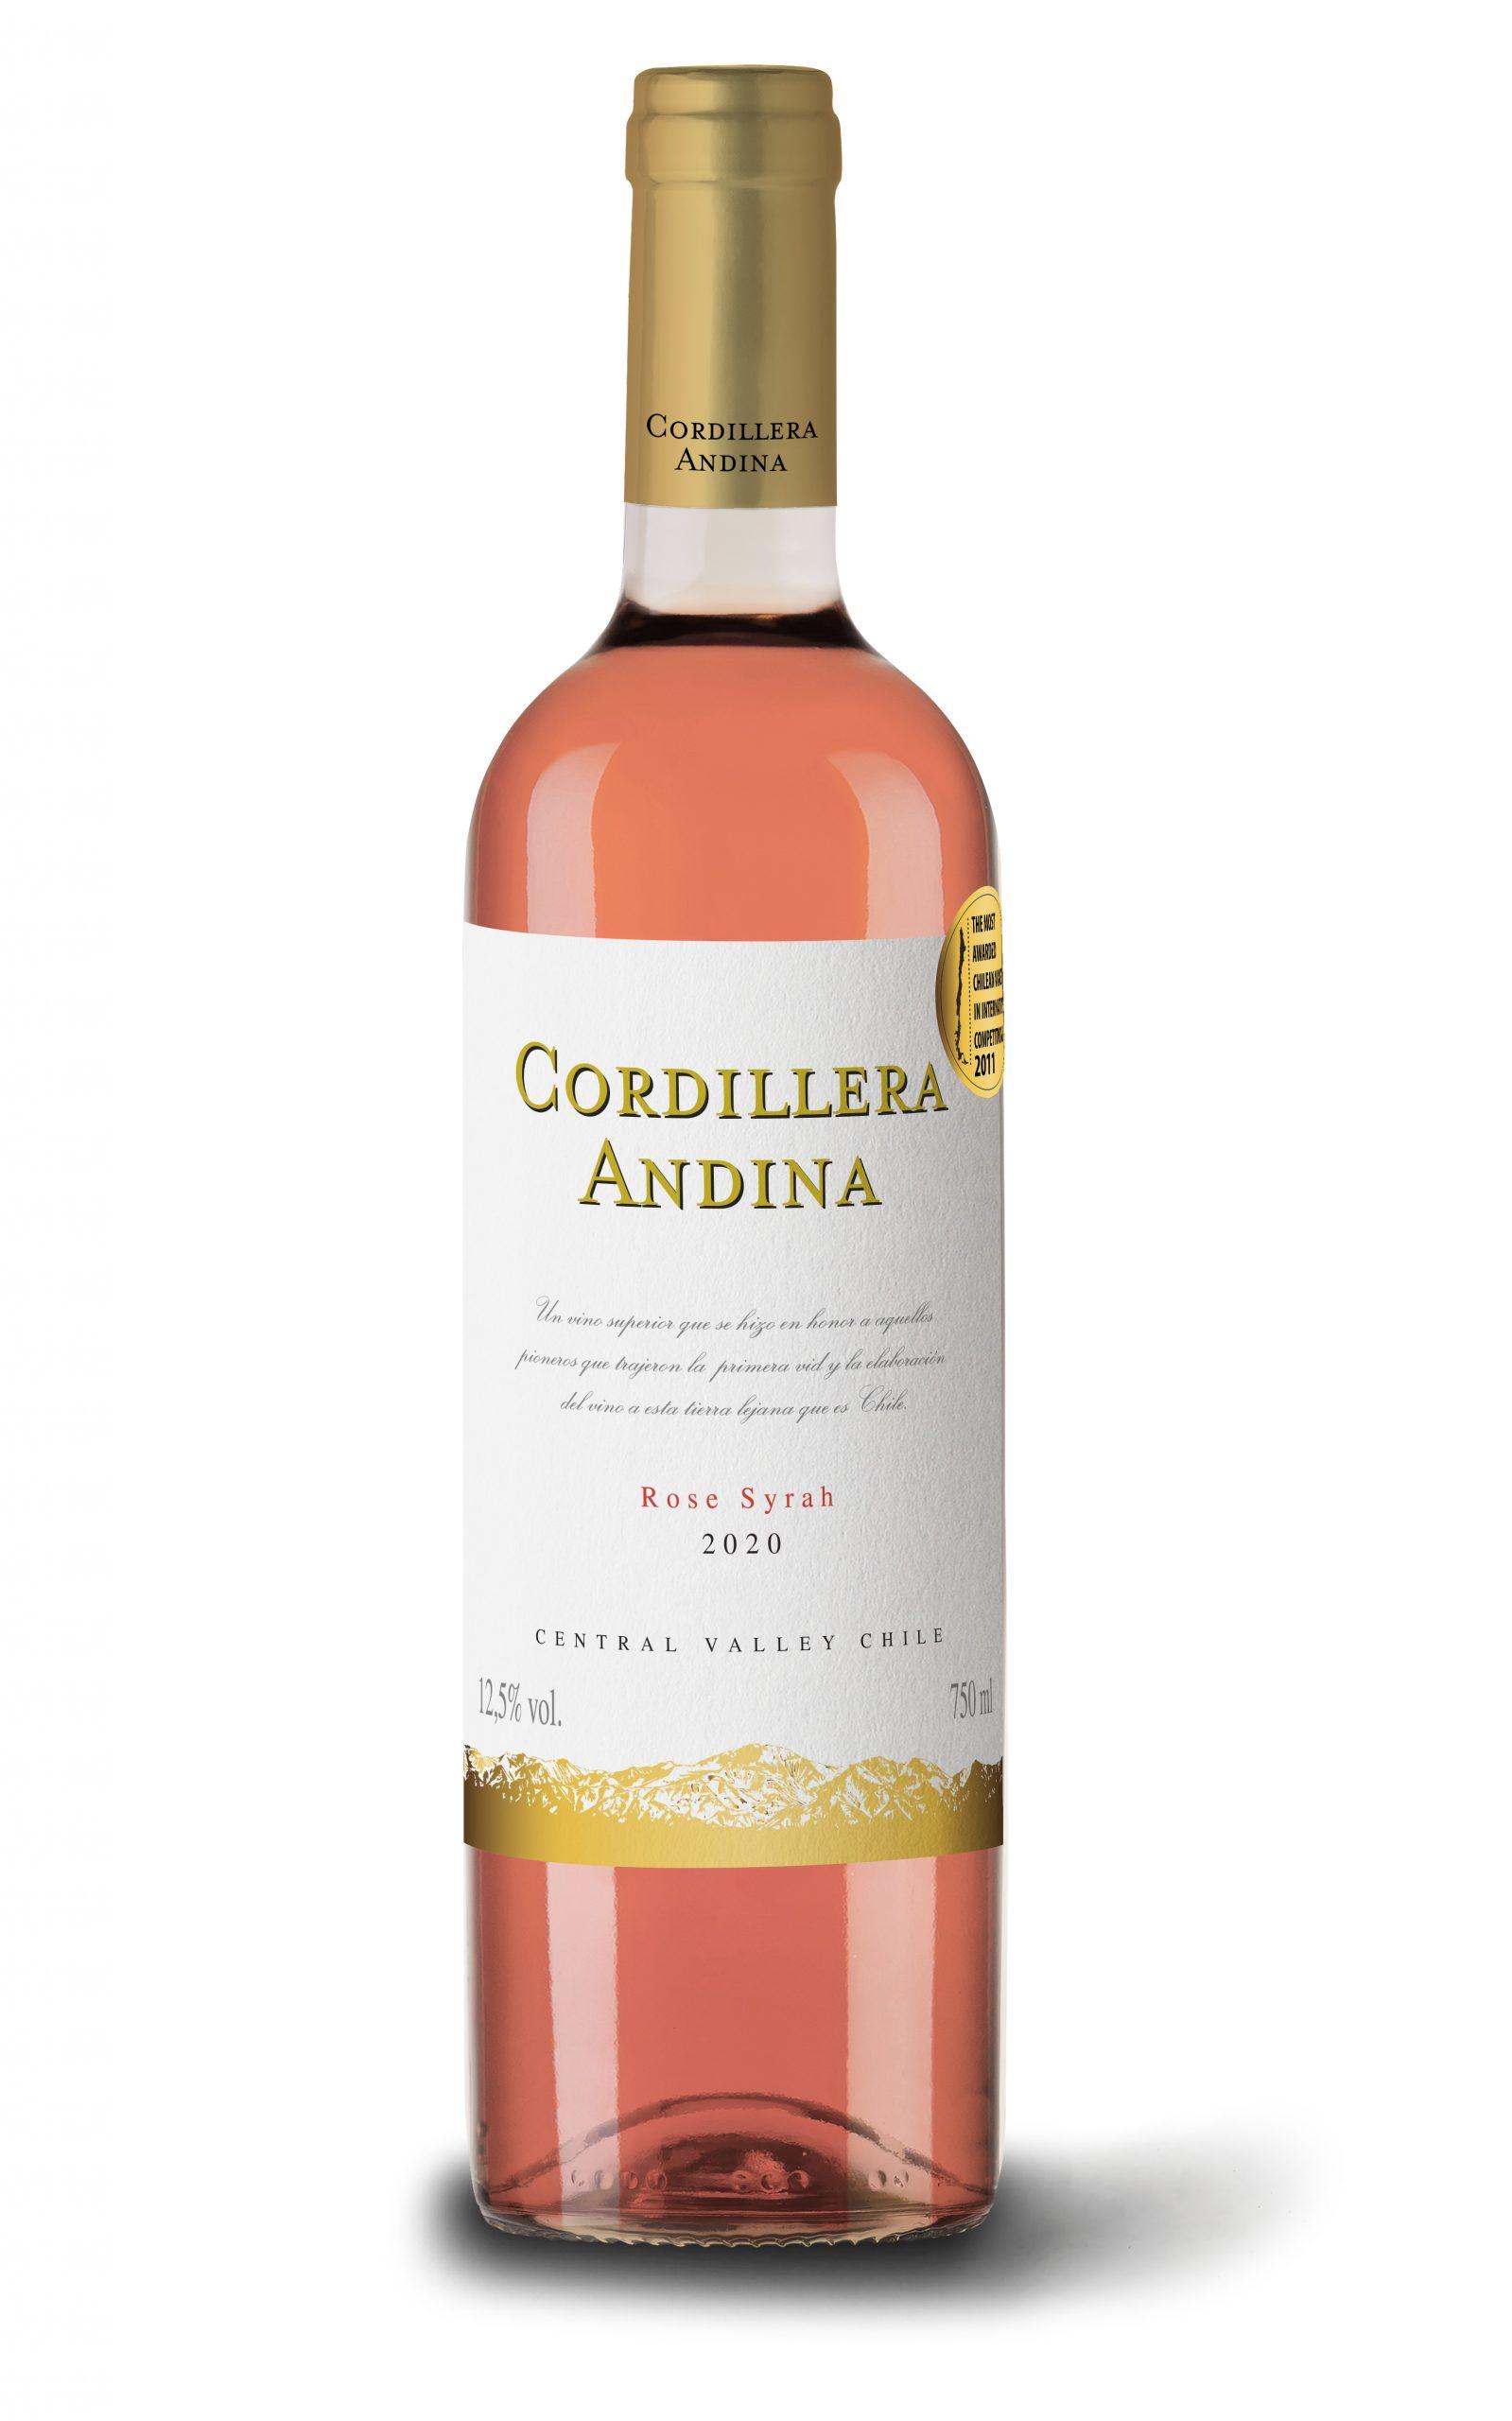 CORDILLERA ANDINA ROSÉ SYRAH